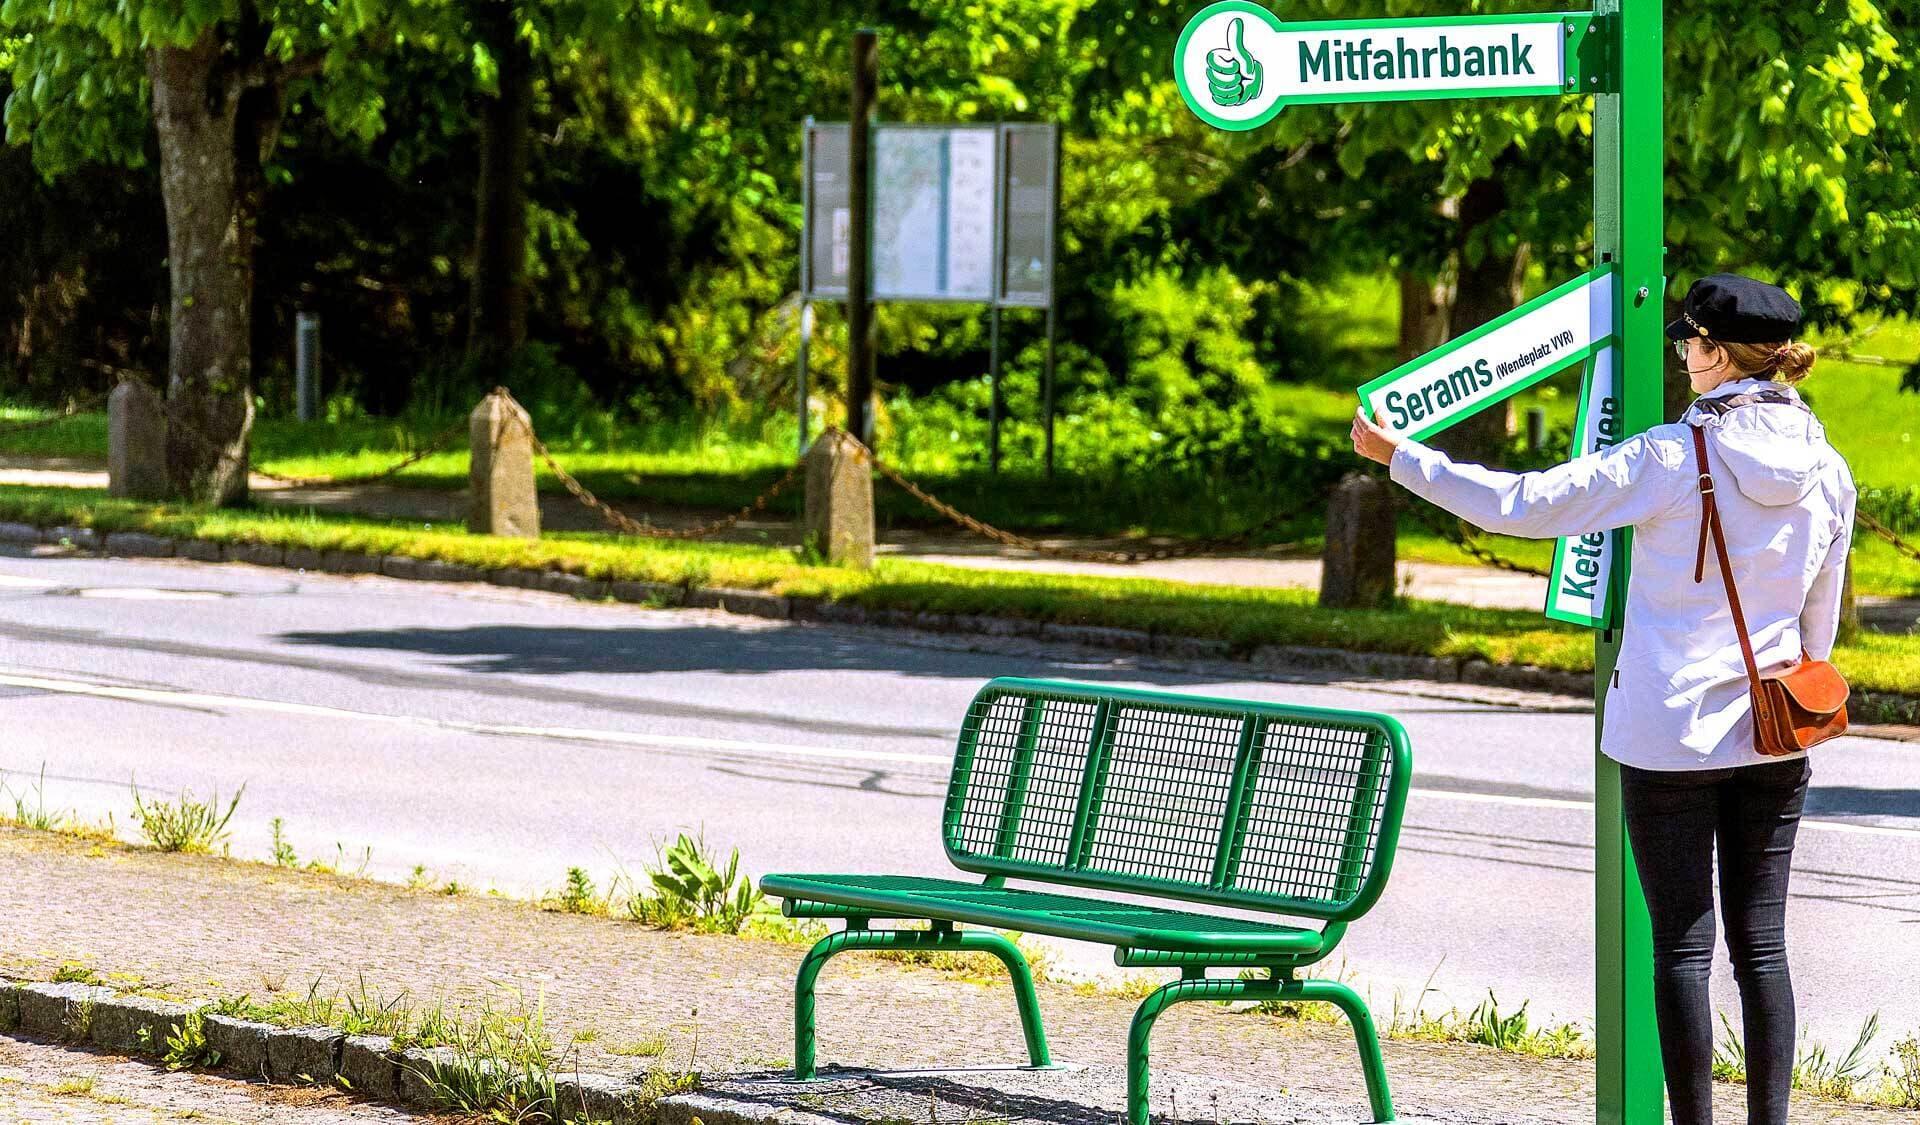 Eine Frau wartet bei der Mitfahrerbank und liest Schilder